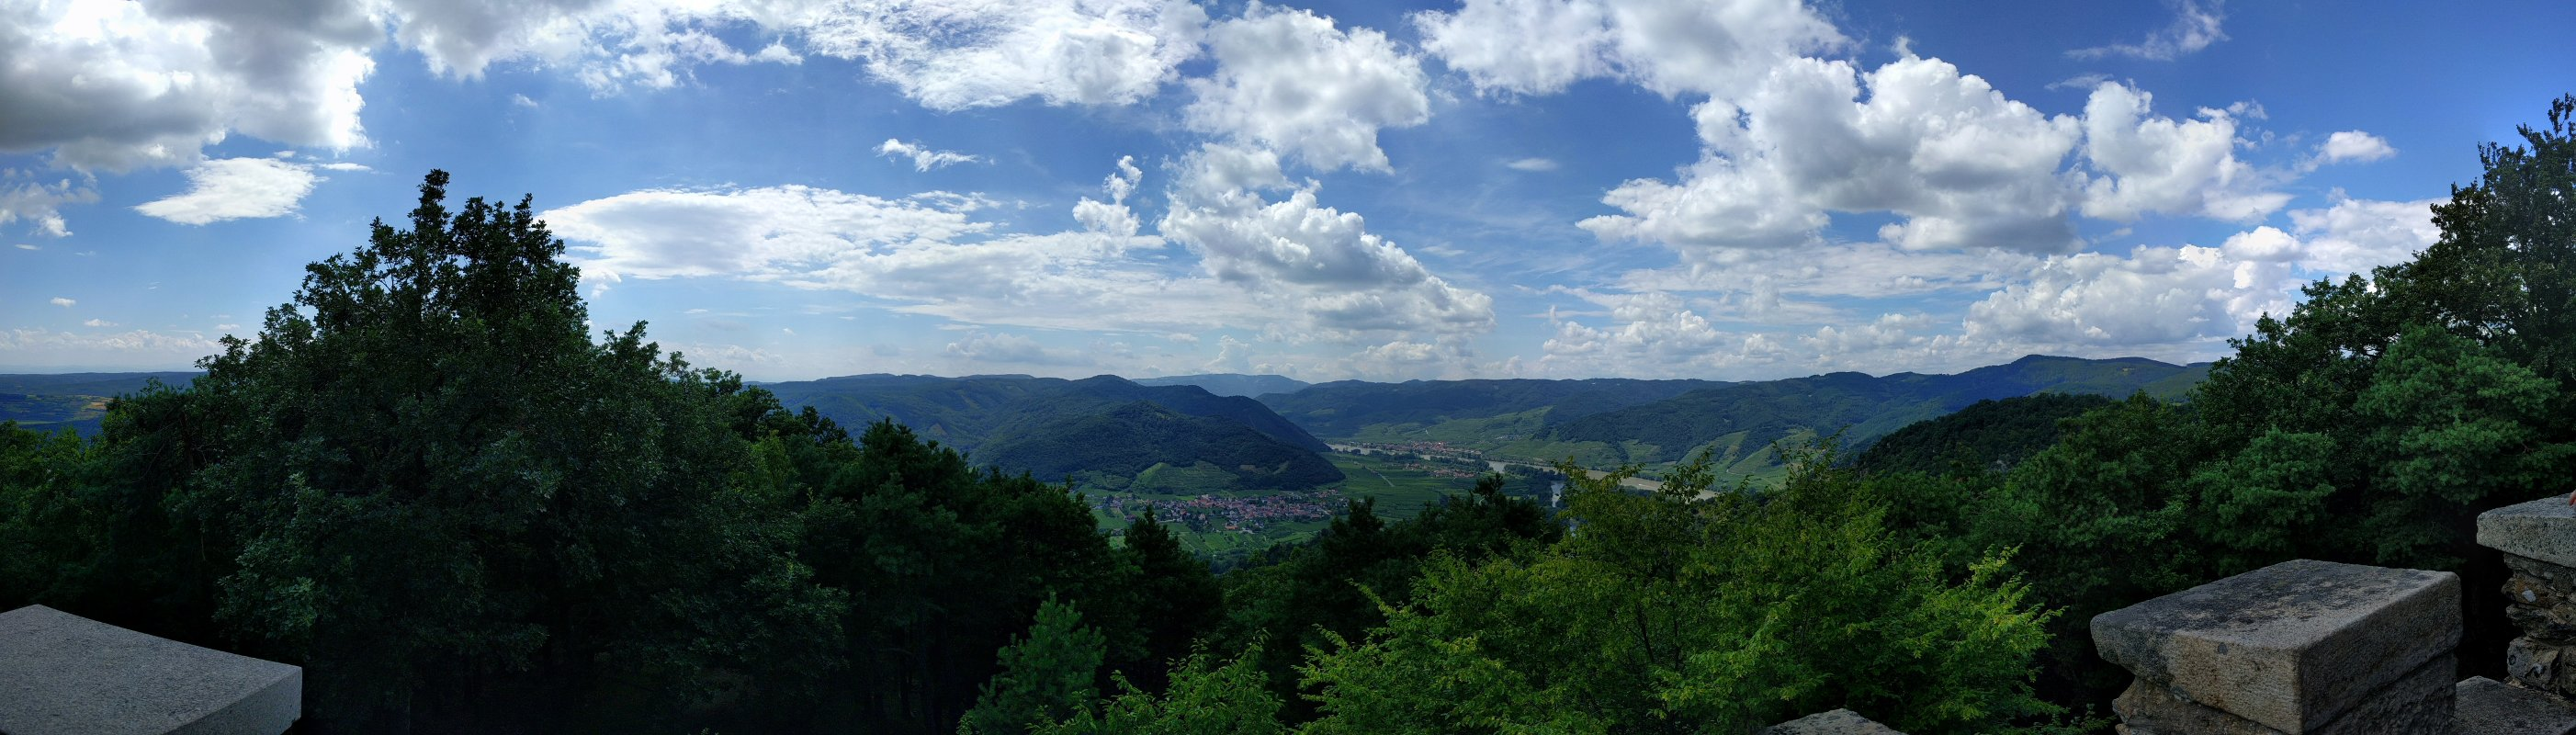 Titelbild Landschaft